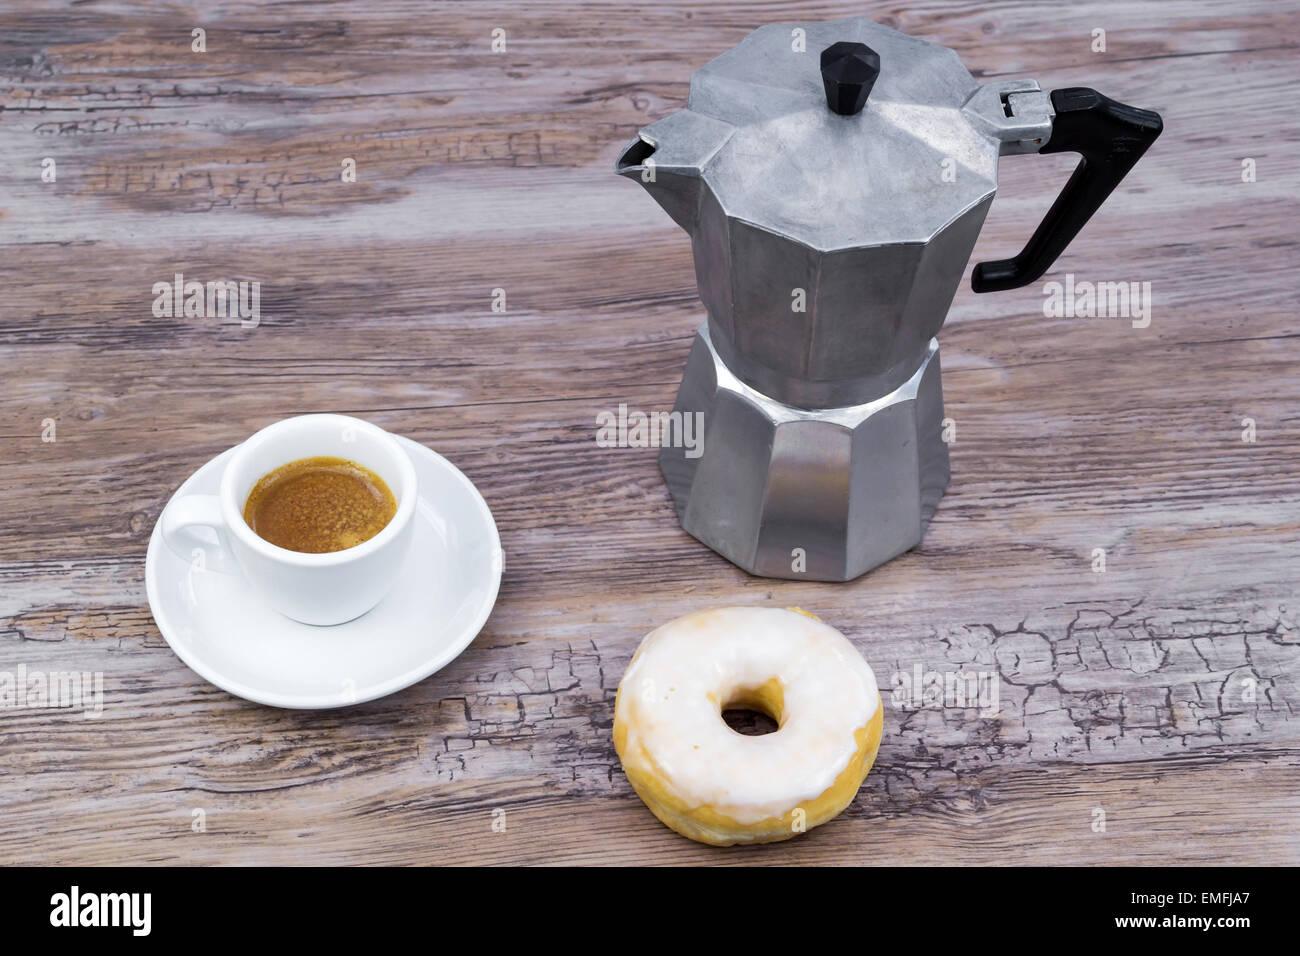 Espresso mit einem glasierten Donut auf einem Holztisch von oben mit Textfreiraum Stockbild